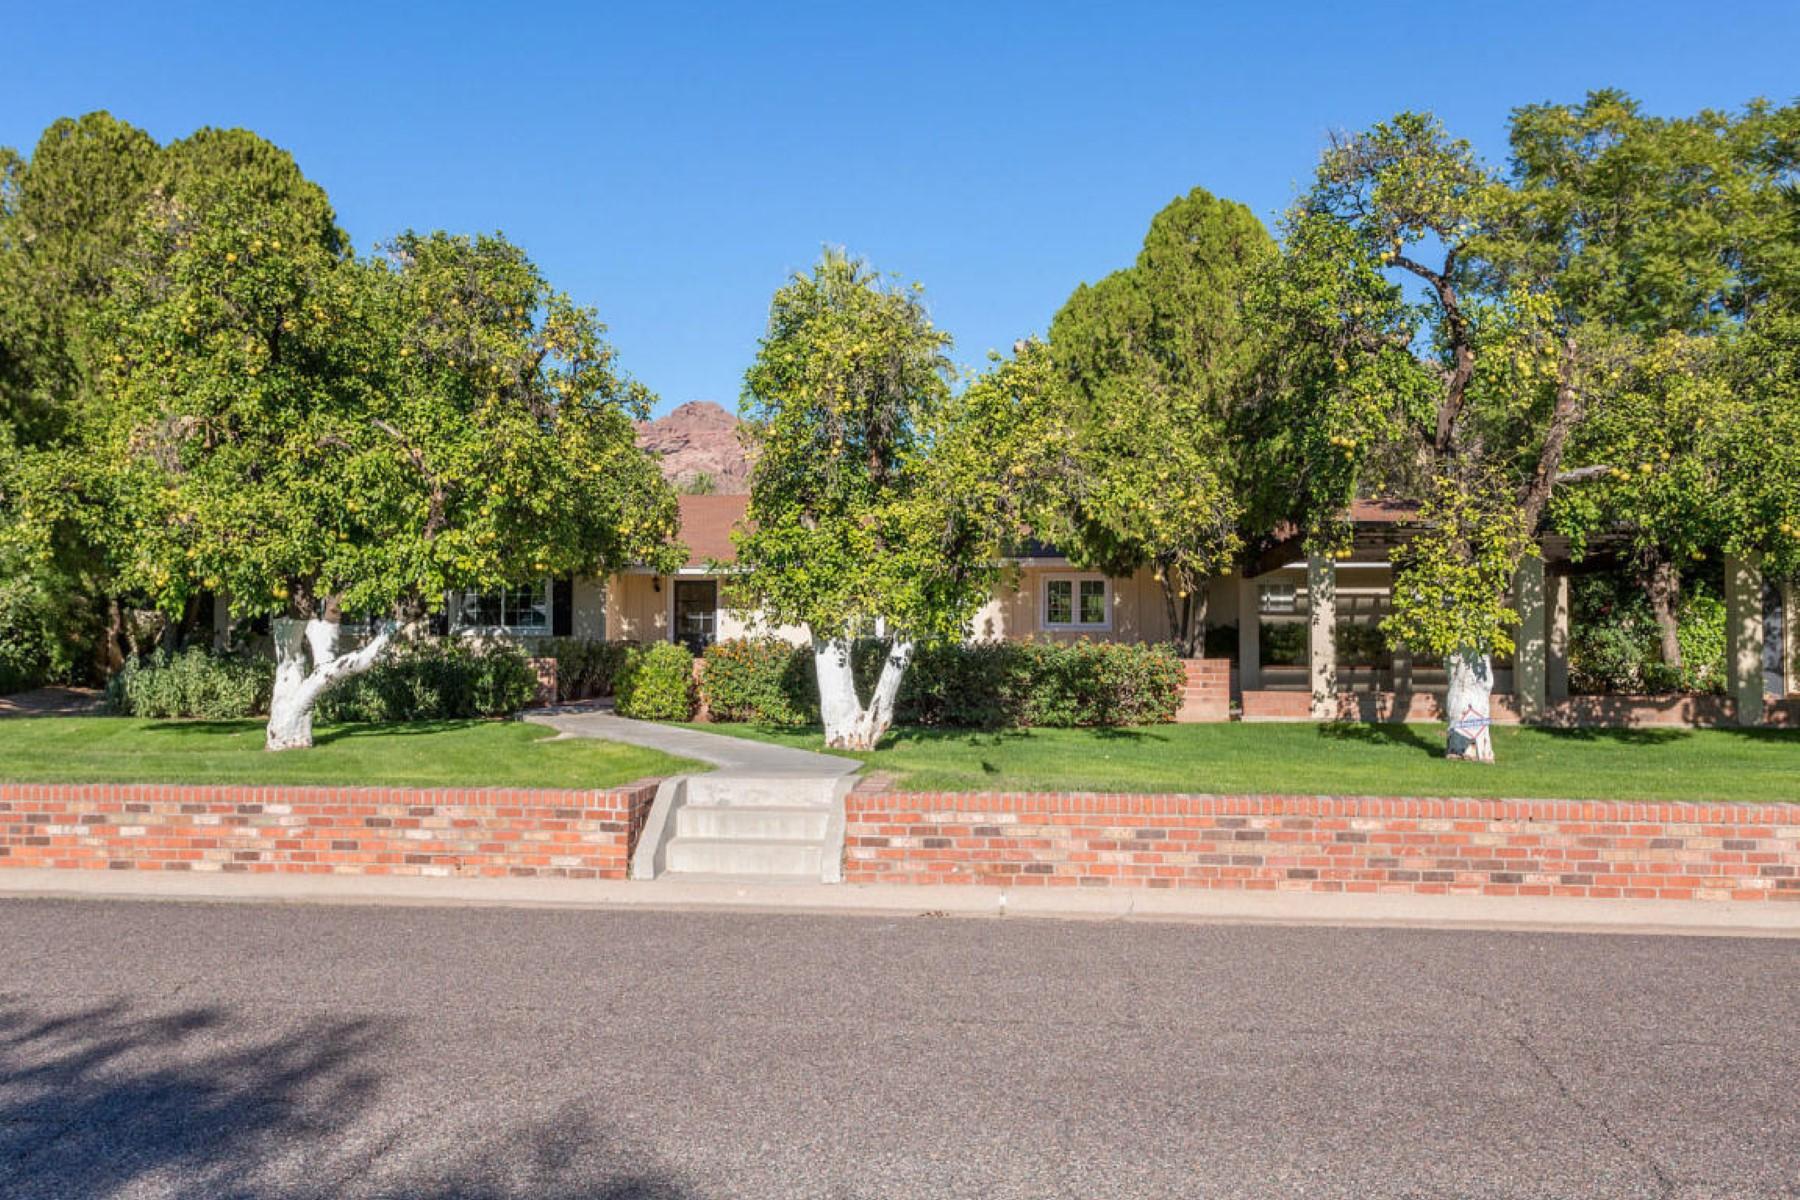 Casa Unifamiliar por un Venta en Charming 1957 Arcadia home with many upgrades 4714 E Calle Del Medio Phoenix, Arizona 85018 Estados Unidos